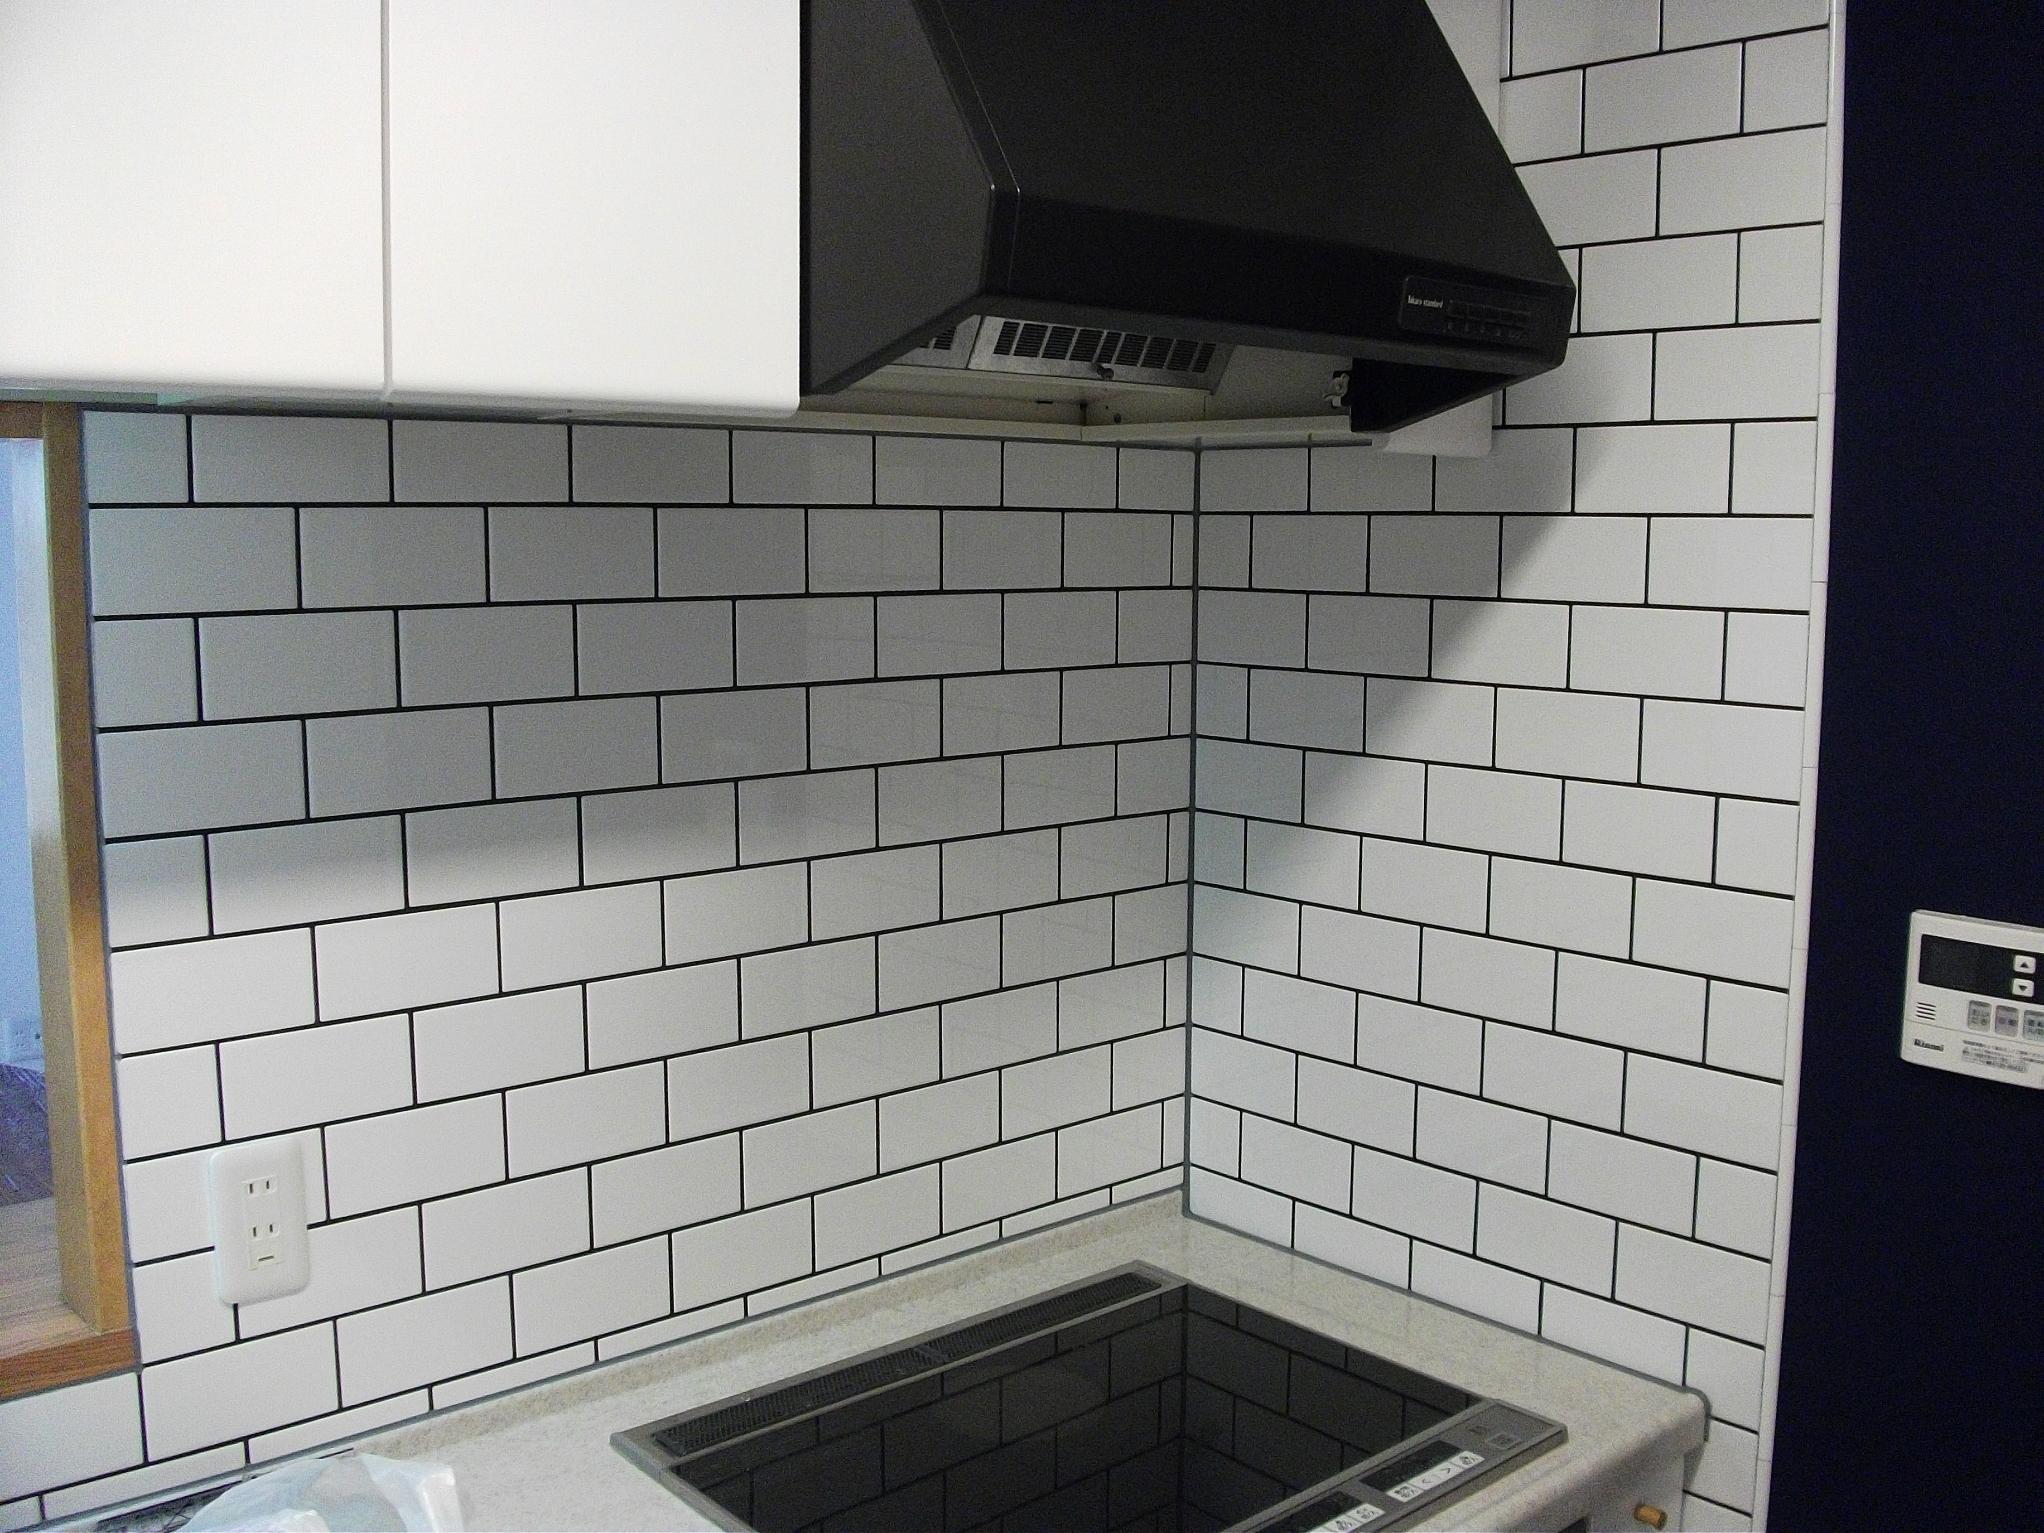 ビンテージマンションの写真 キッチンは白タイルを一面に